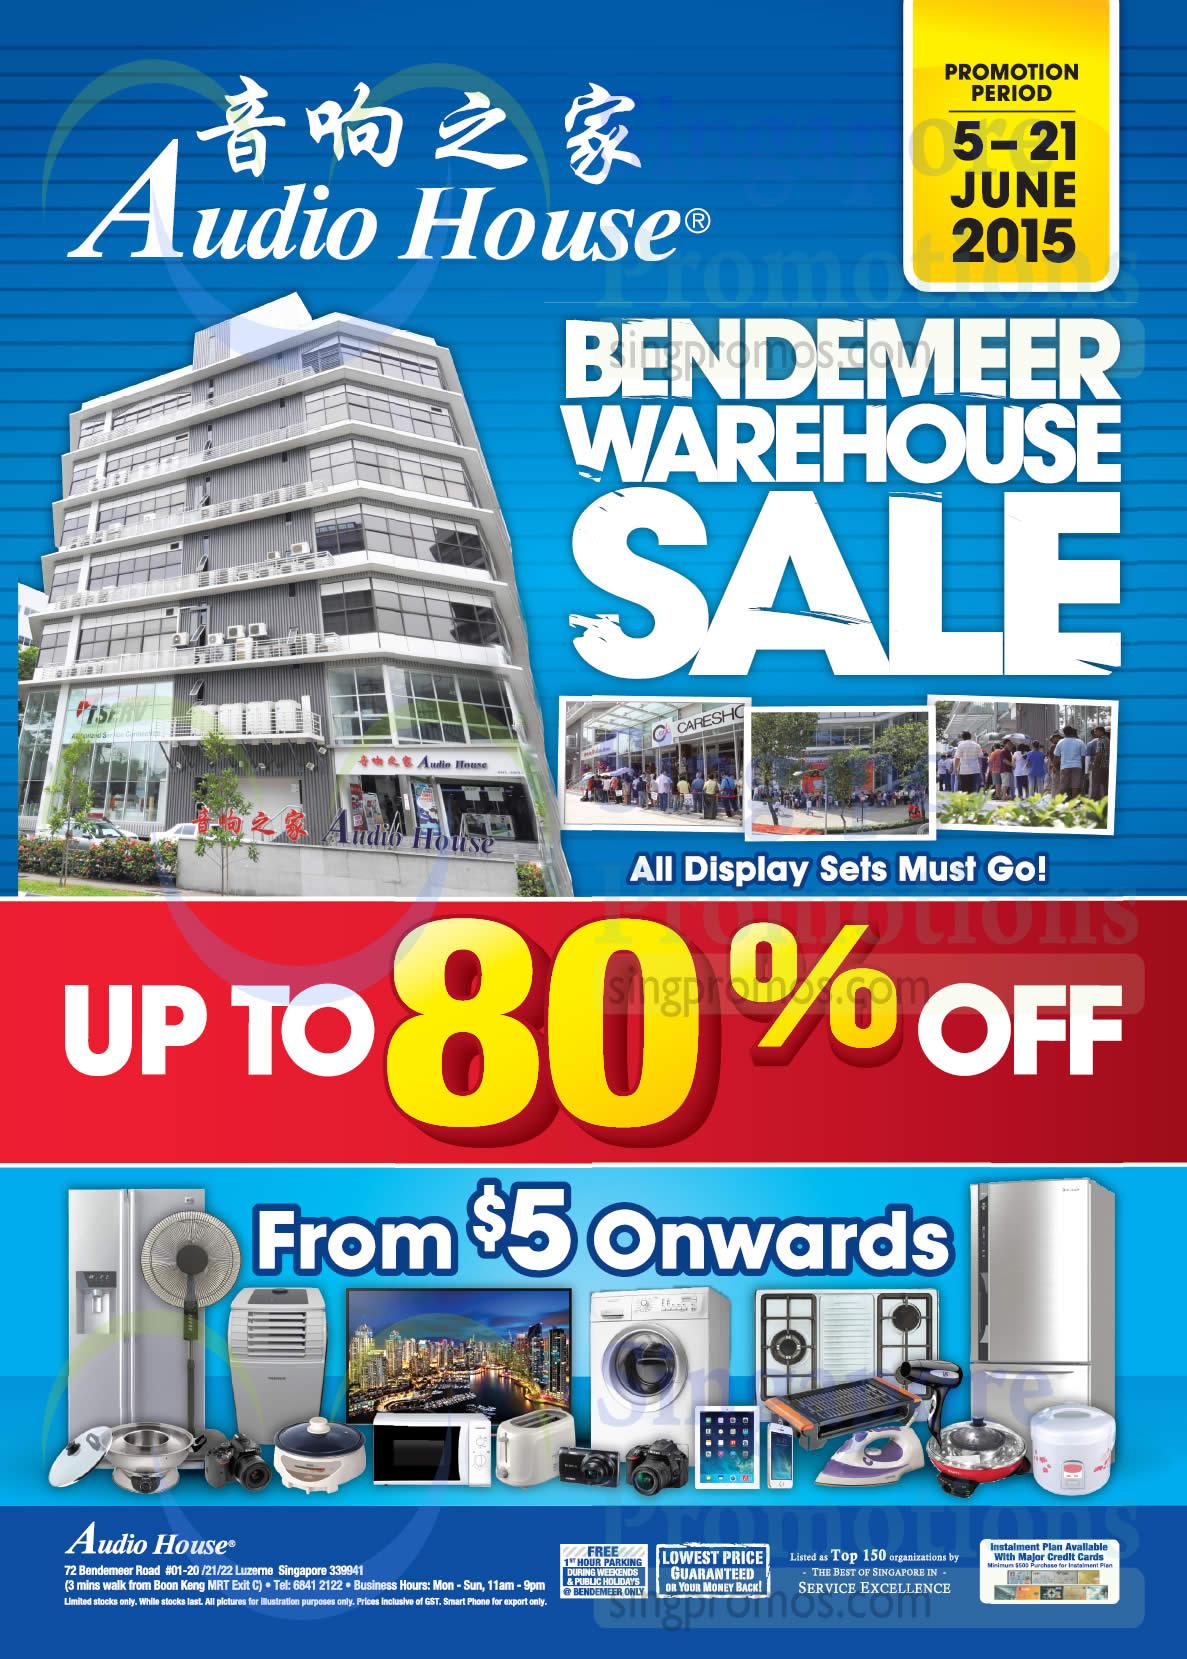 Bendemeer Warehouse Sale, Display Sets